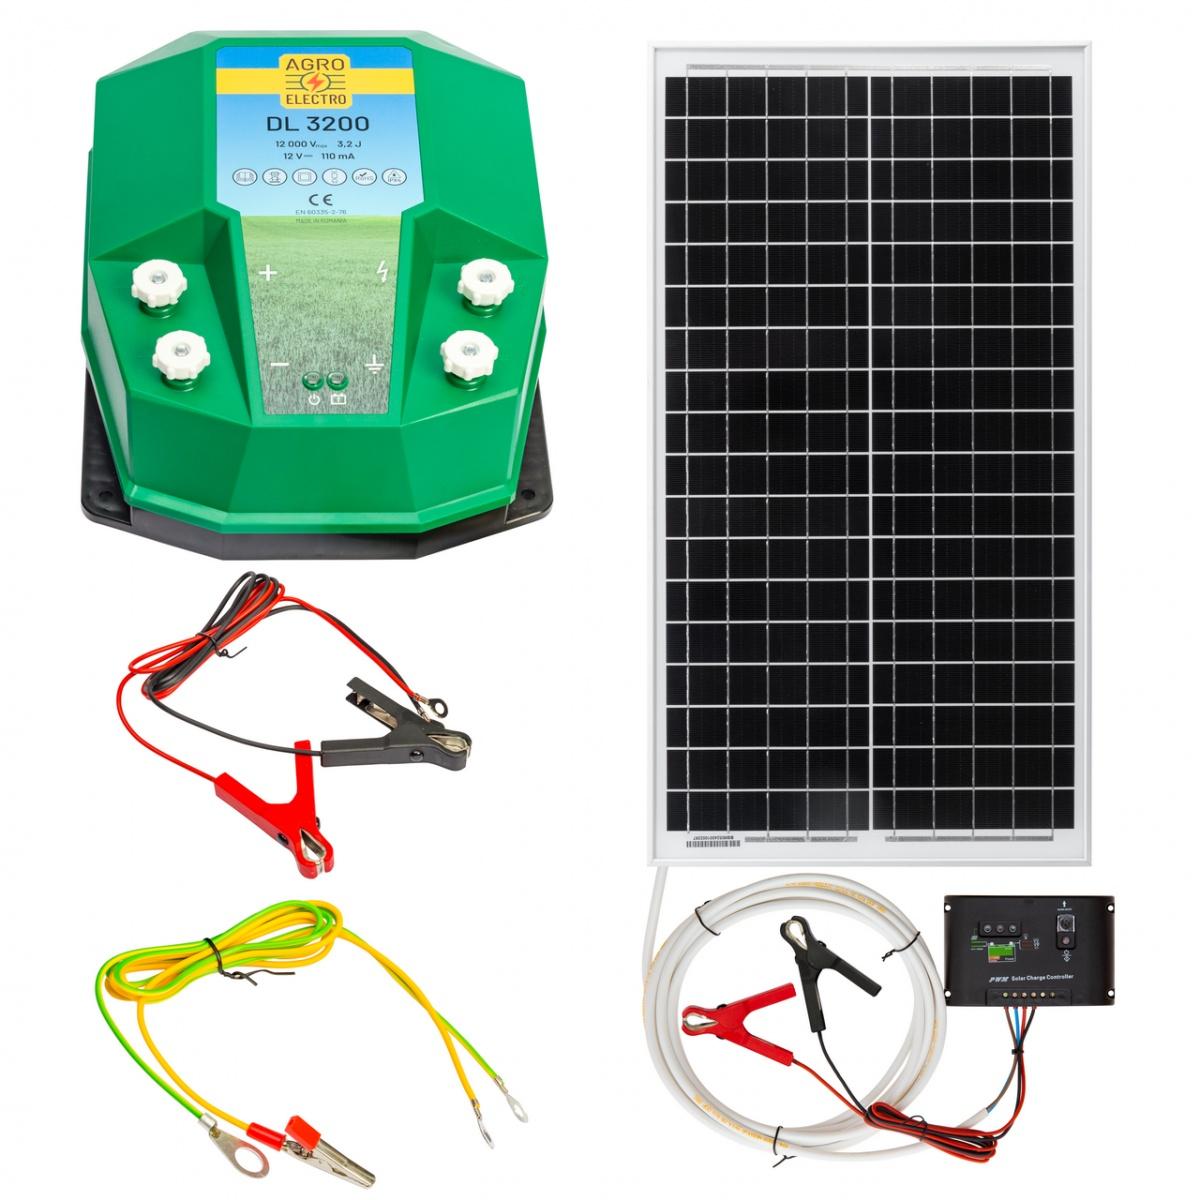 DL3200 villanypásztor készülék, 12V, 3,2Joule, napelemes rendszerrel